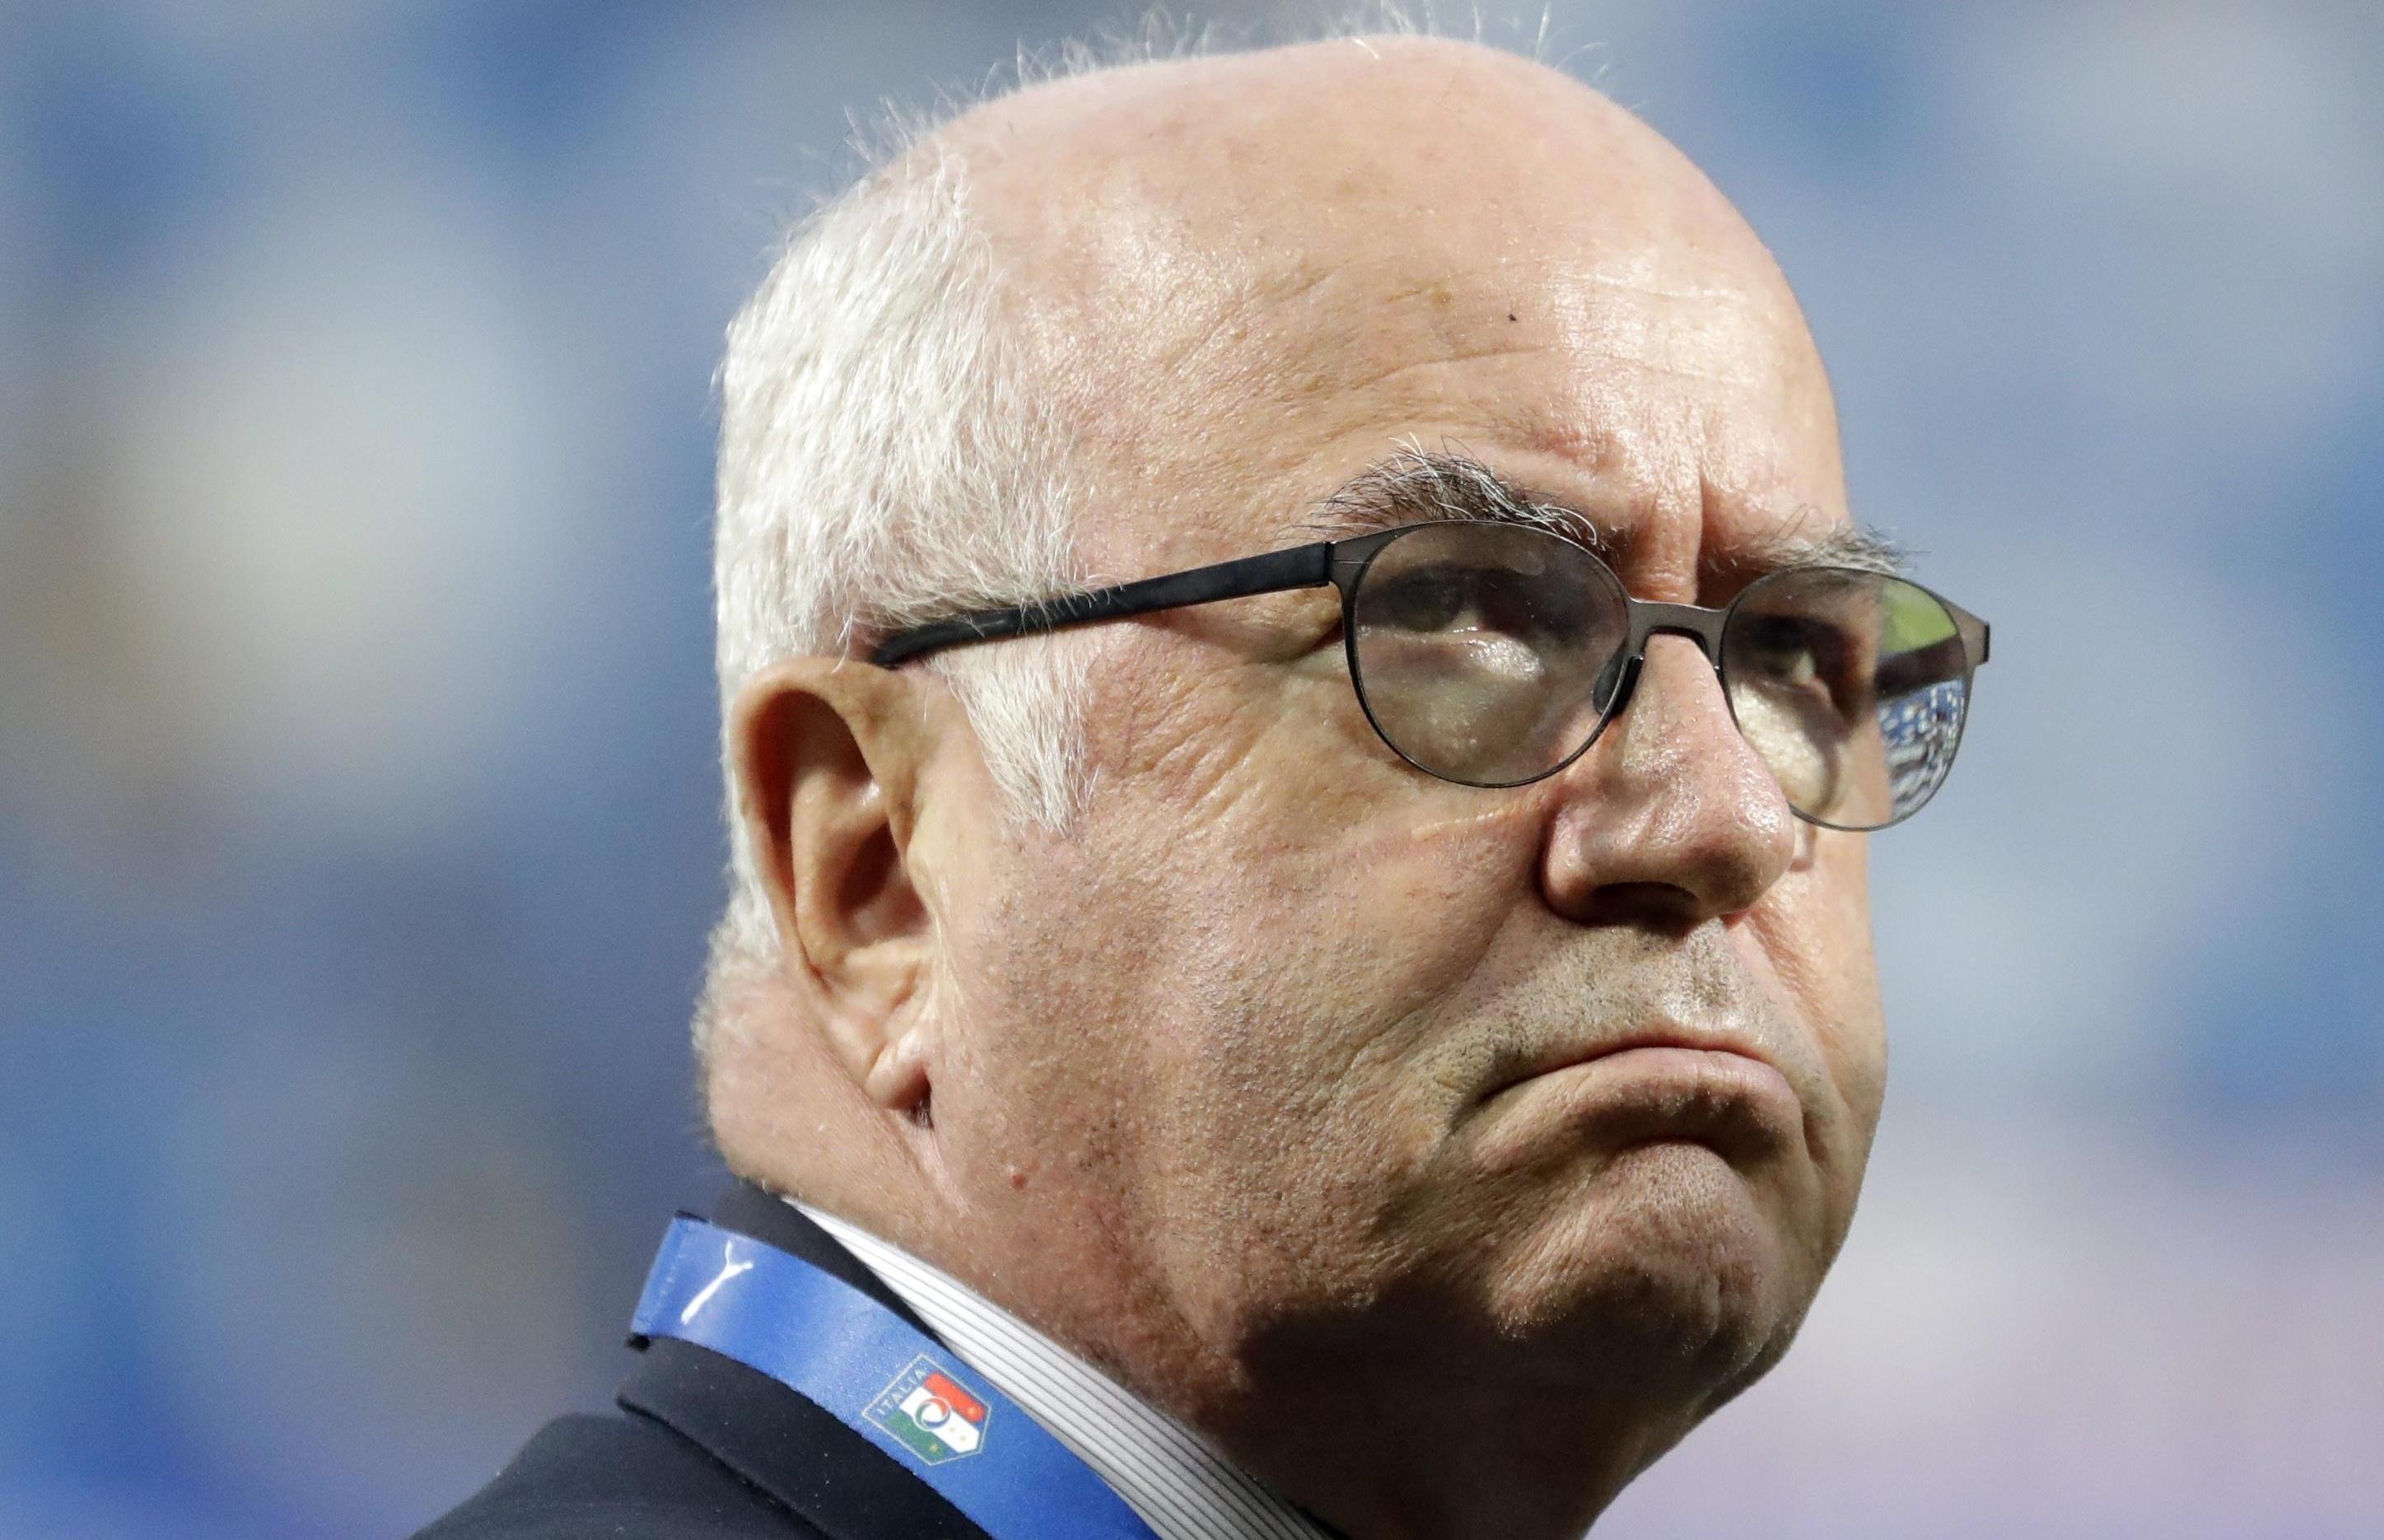 Nazionale, Carlo Tavecchio si è dimesso: 'Colpa dello sciacallaggio politico'